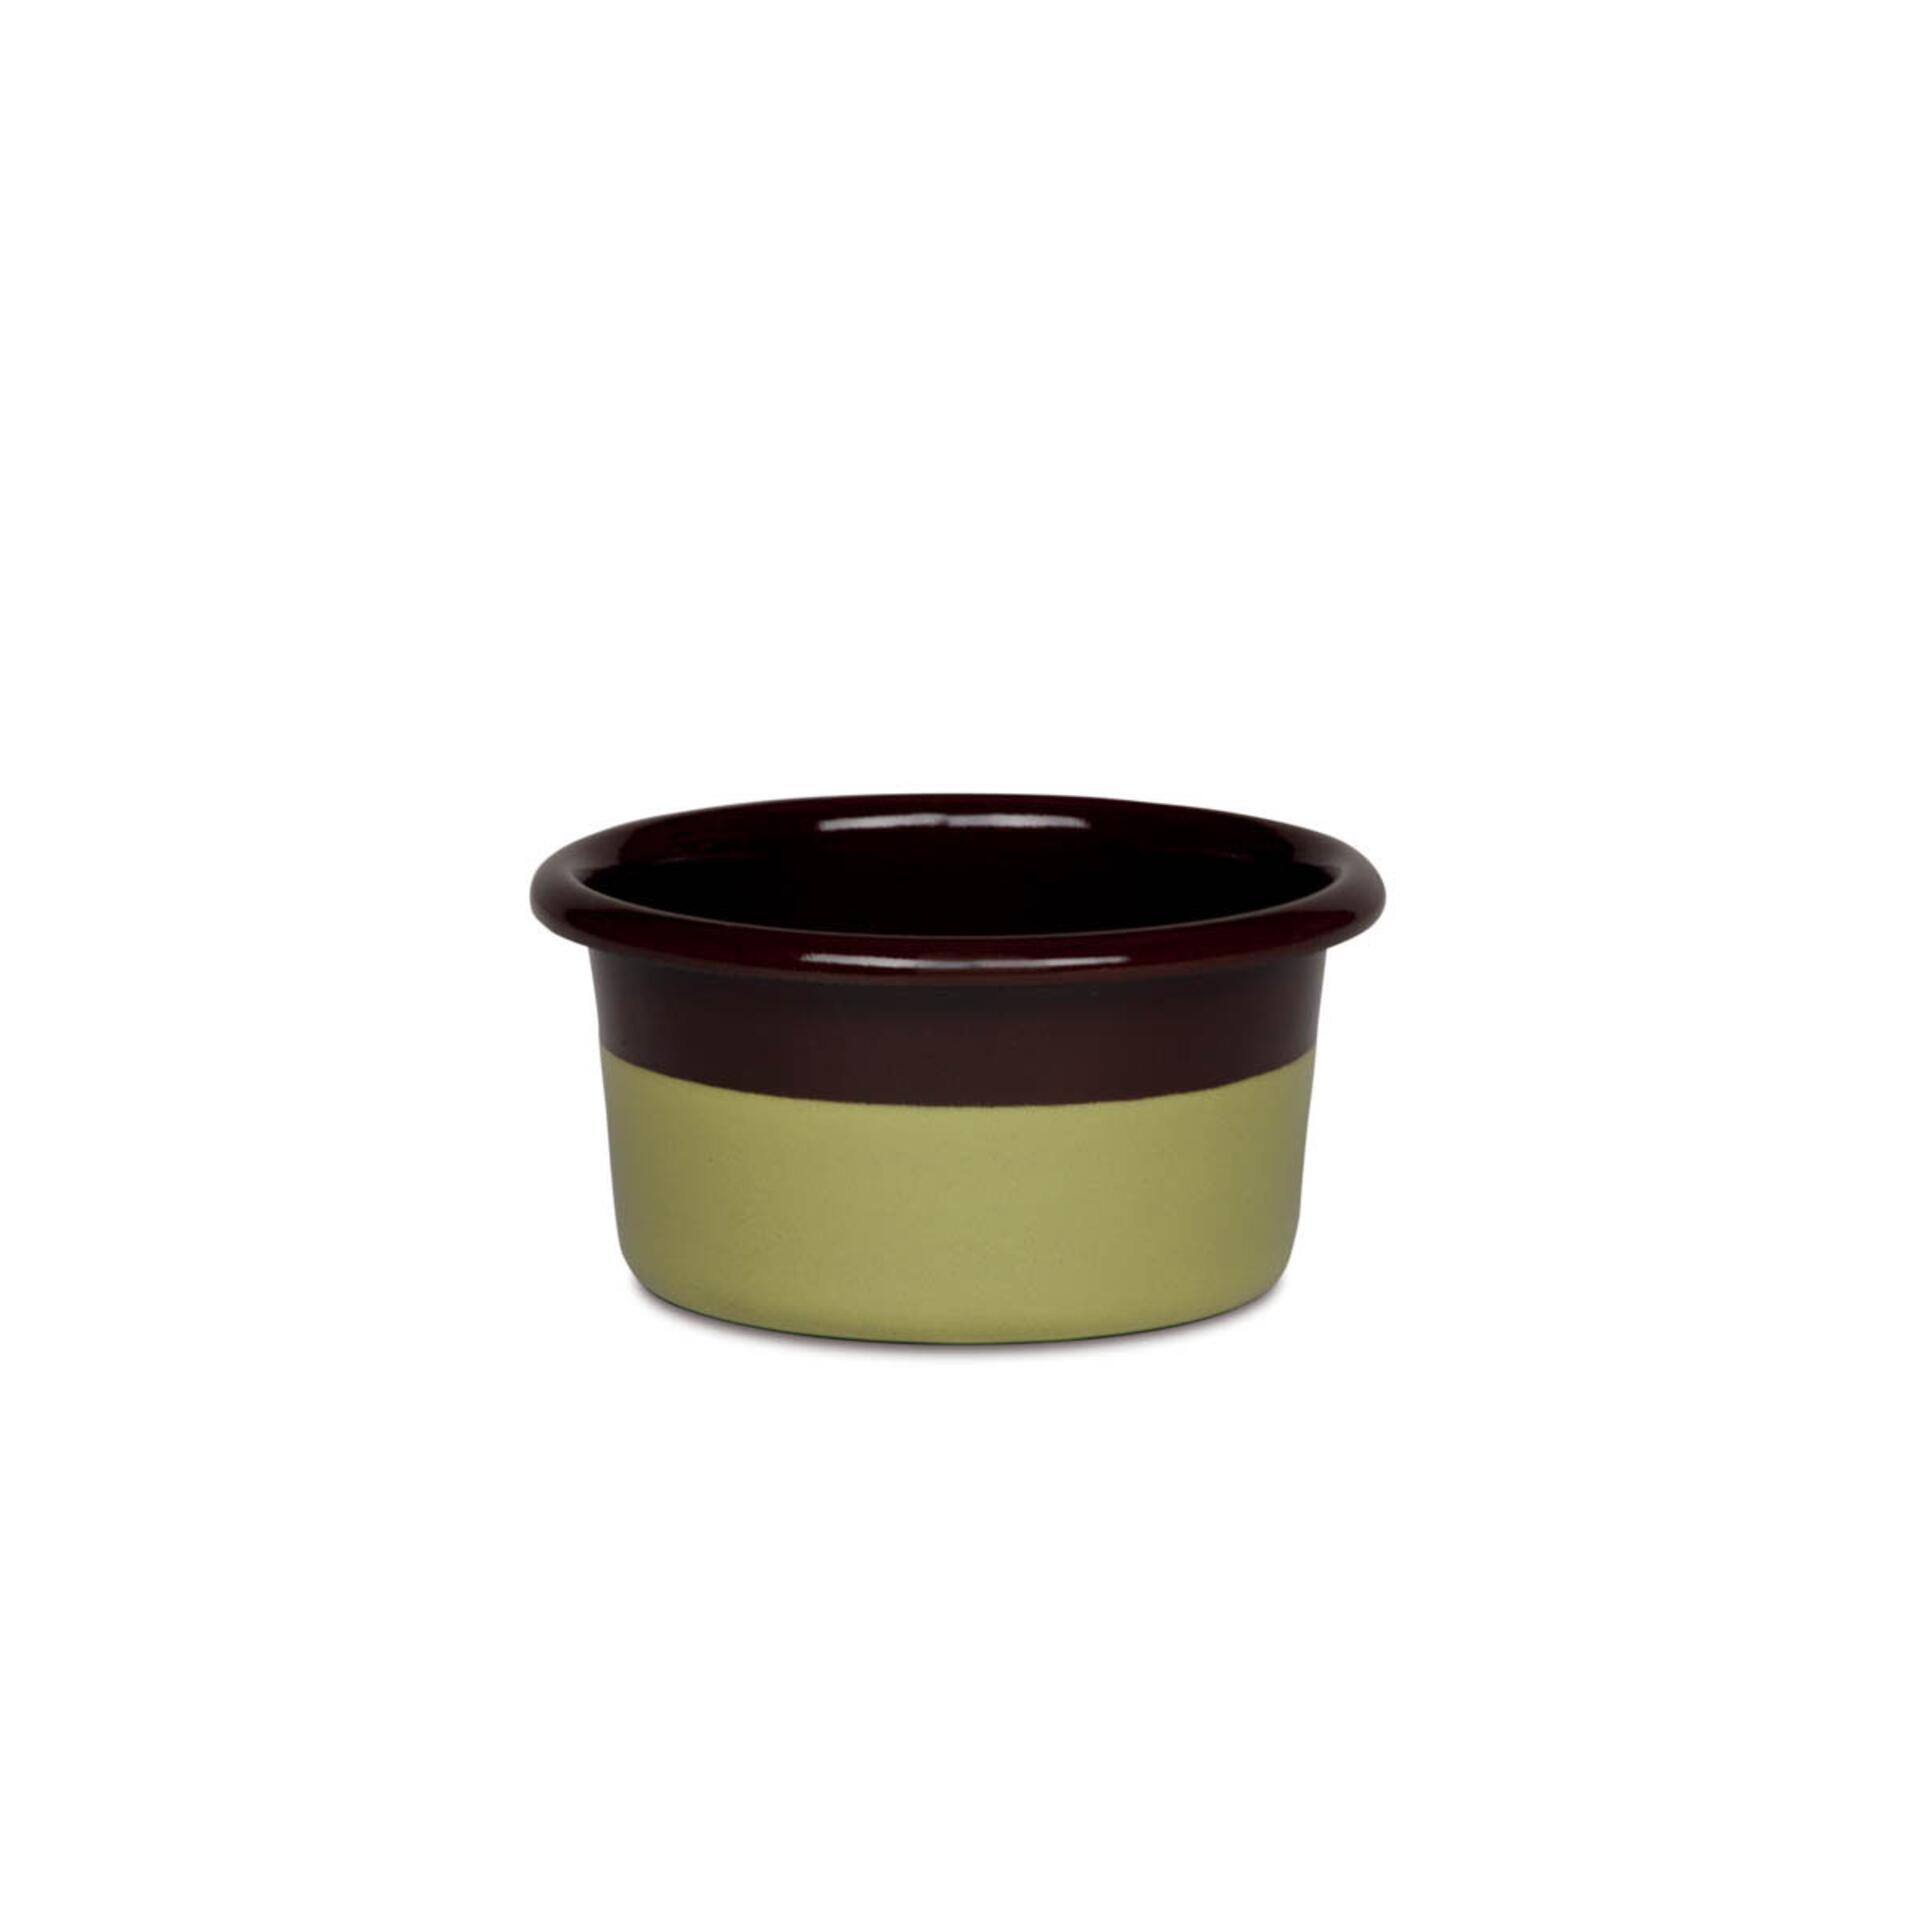 Riess Muffinform niedrig Schoko/Pistazie Edition Sarah Wiener 8 cm